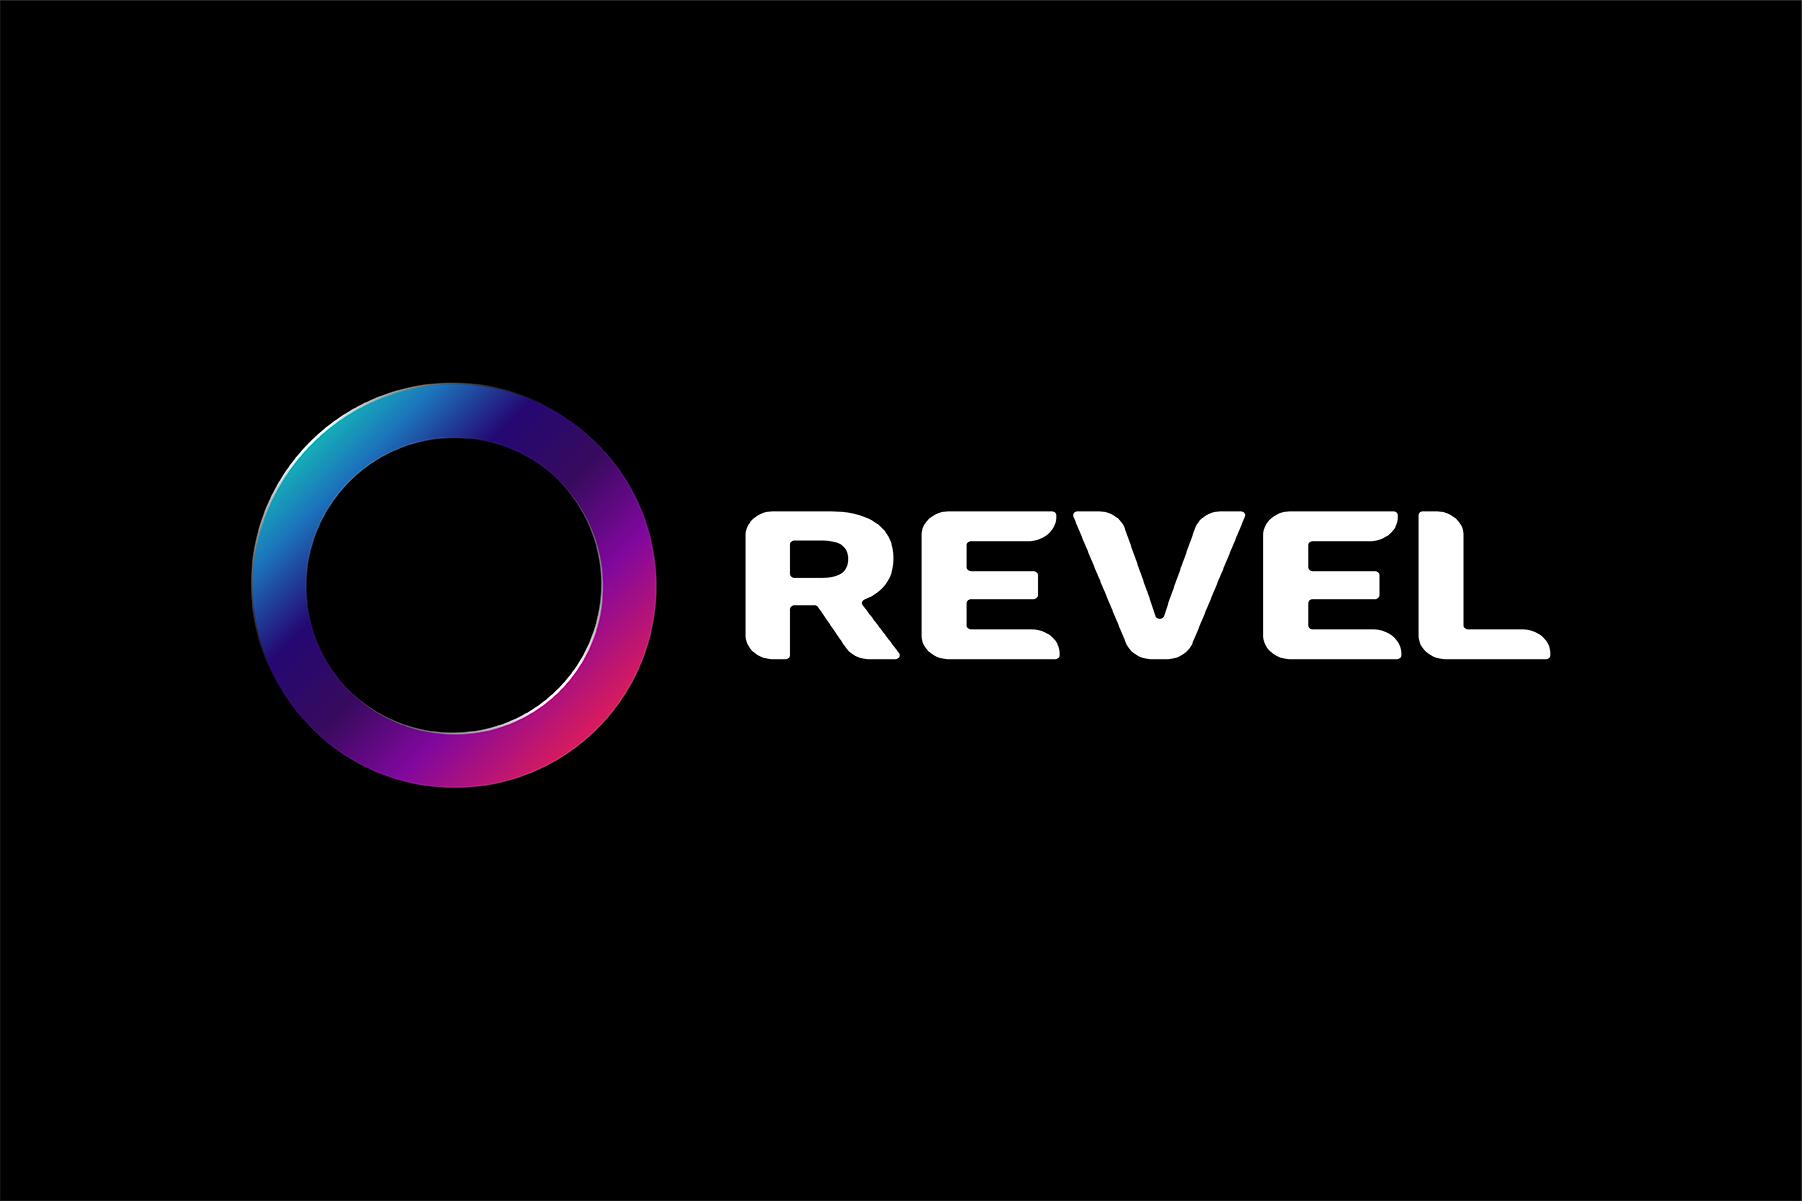 Revel_Logo-Design_1.jpg